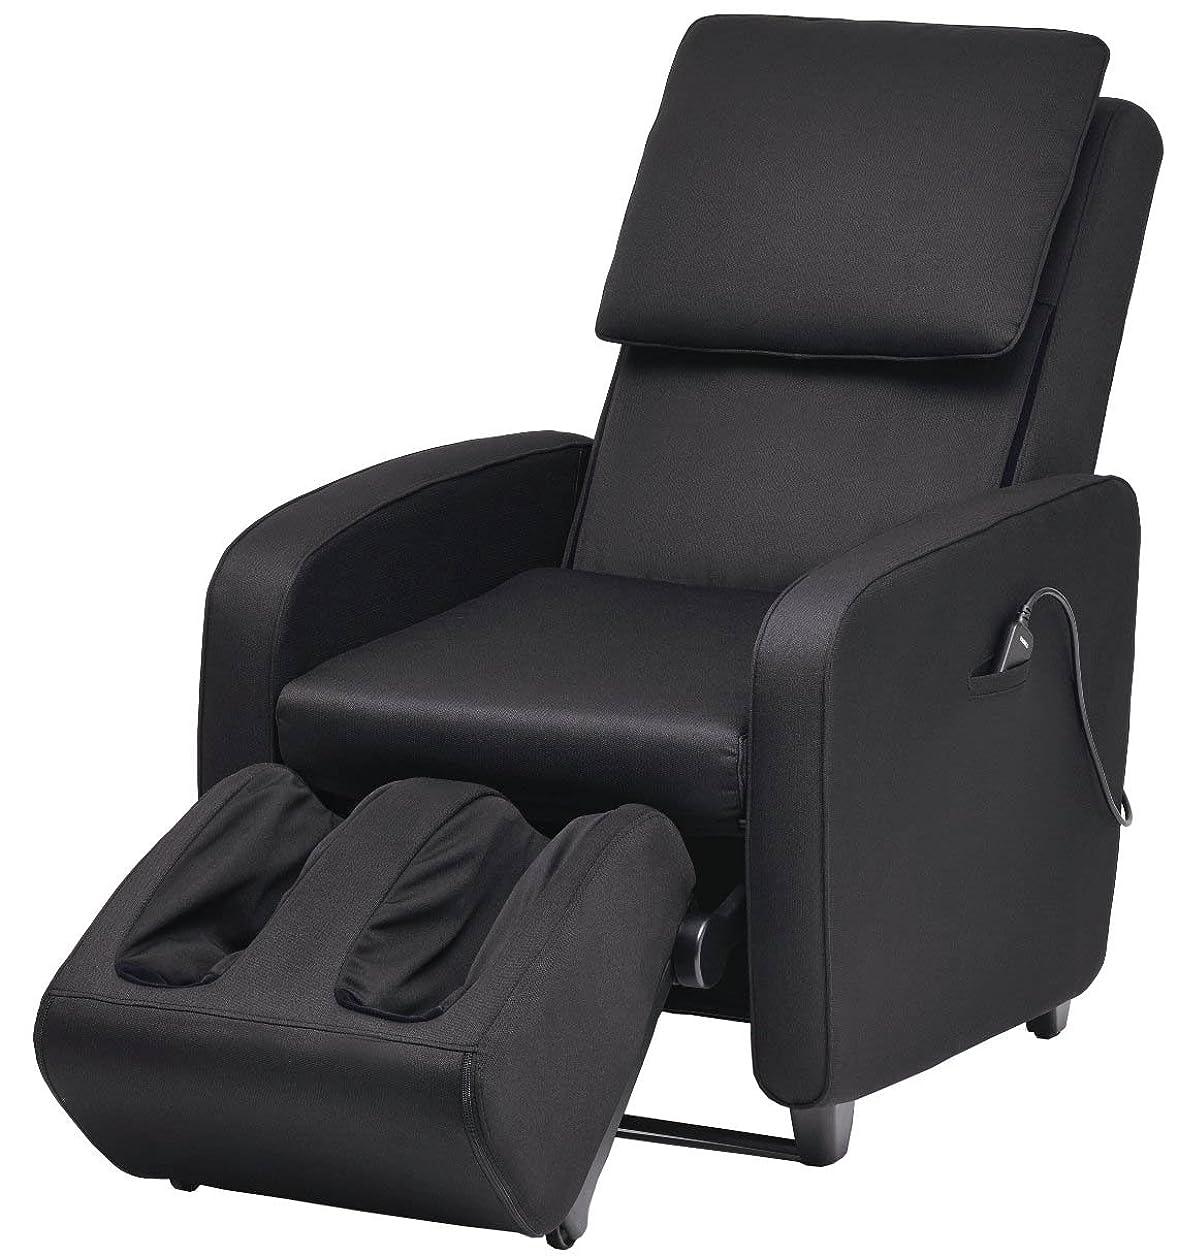 振る舞うシーサイド配分スライヴ マッサージソファ くつろぎ指定席 ファブリック ブラック CHD-7400(FK)